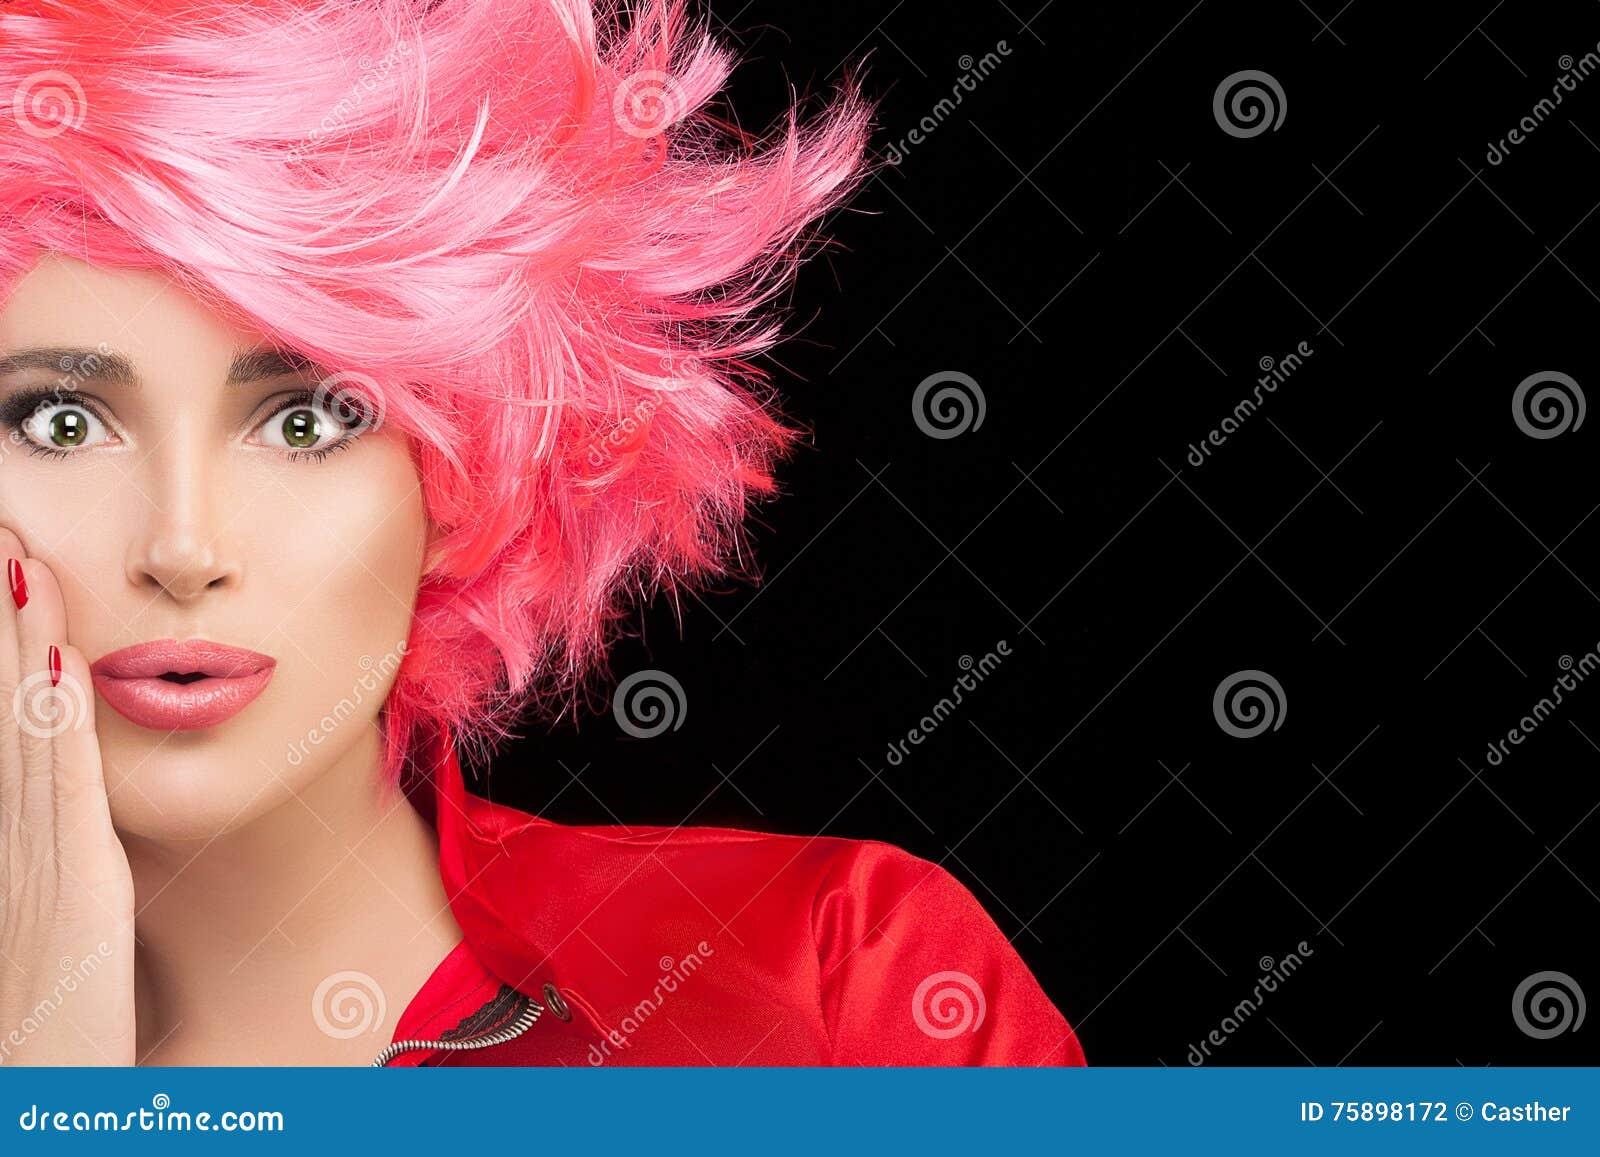 Πρότυπο κορίτσι μόδας με τη μοντέρνη βαμμένη ρόδινη τρίχα